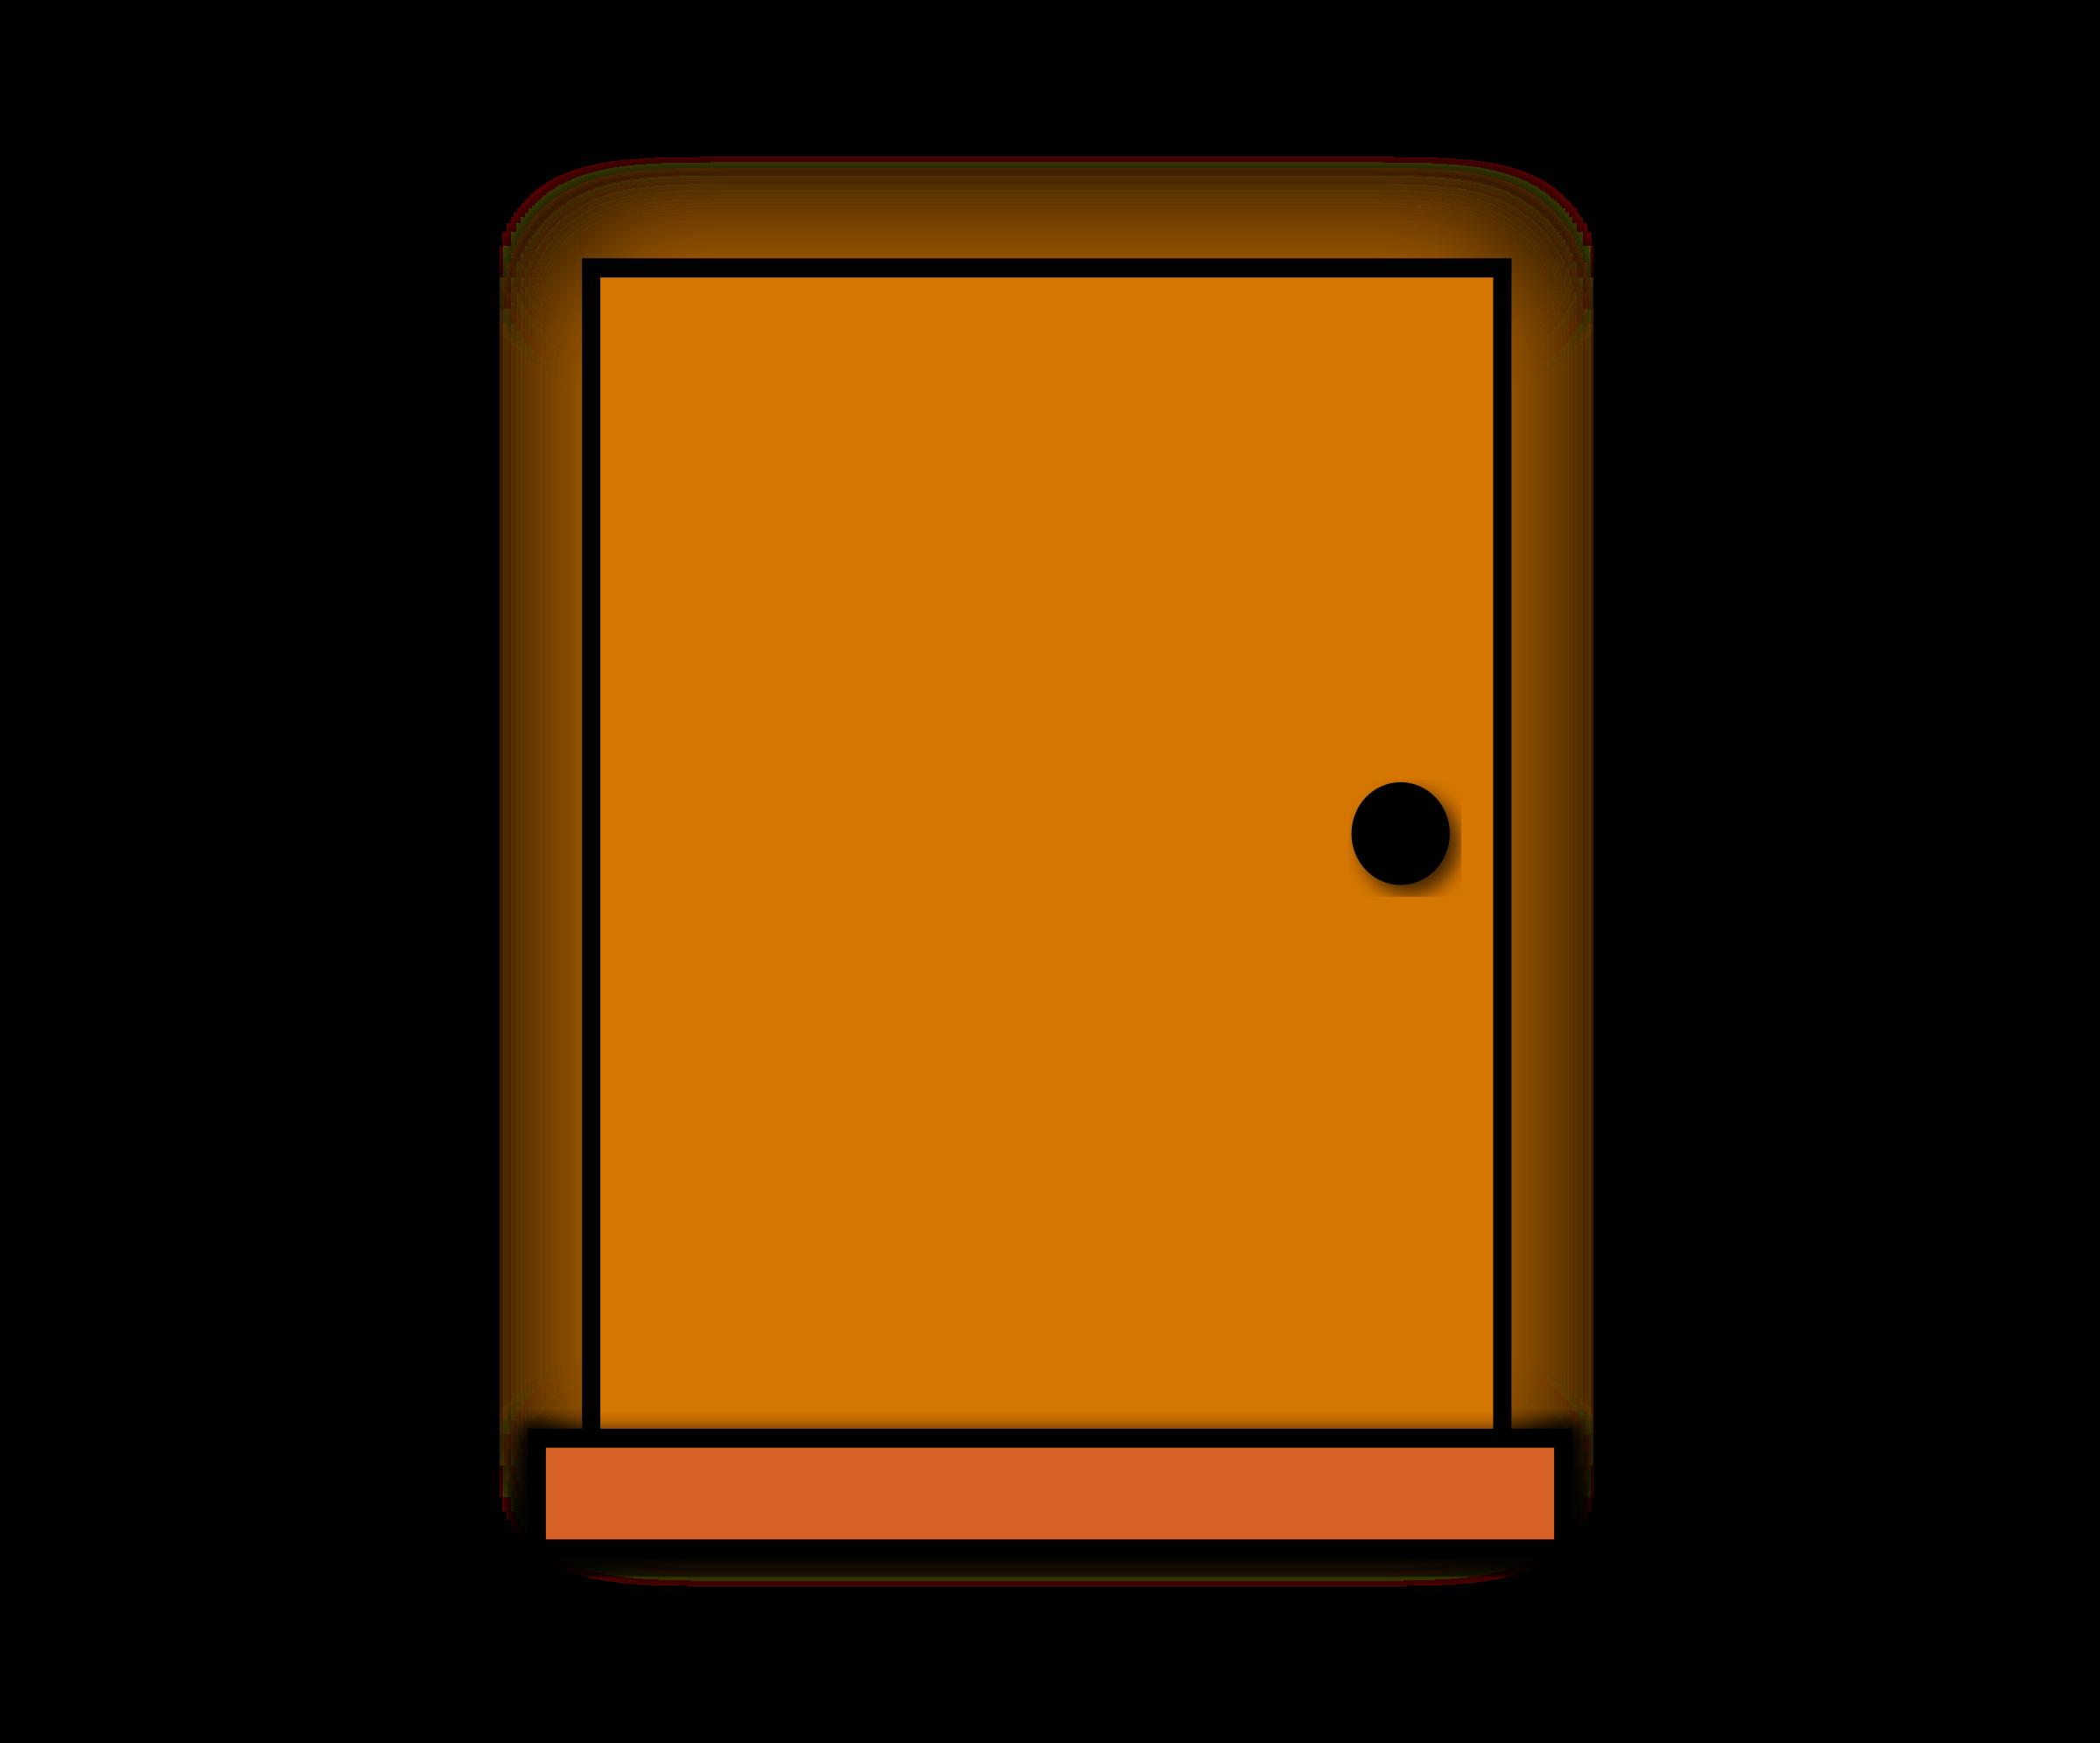 Big image png. Clipart door opening door